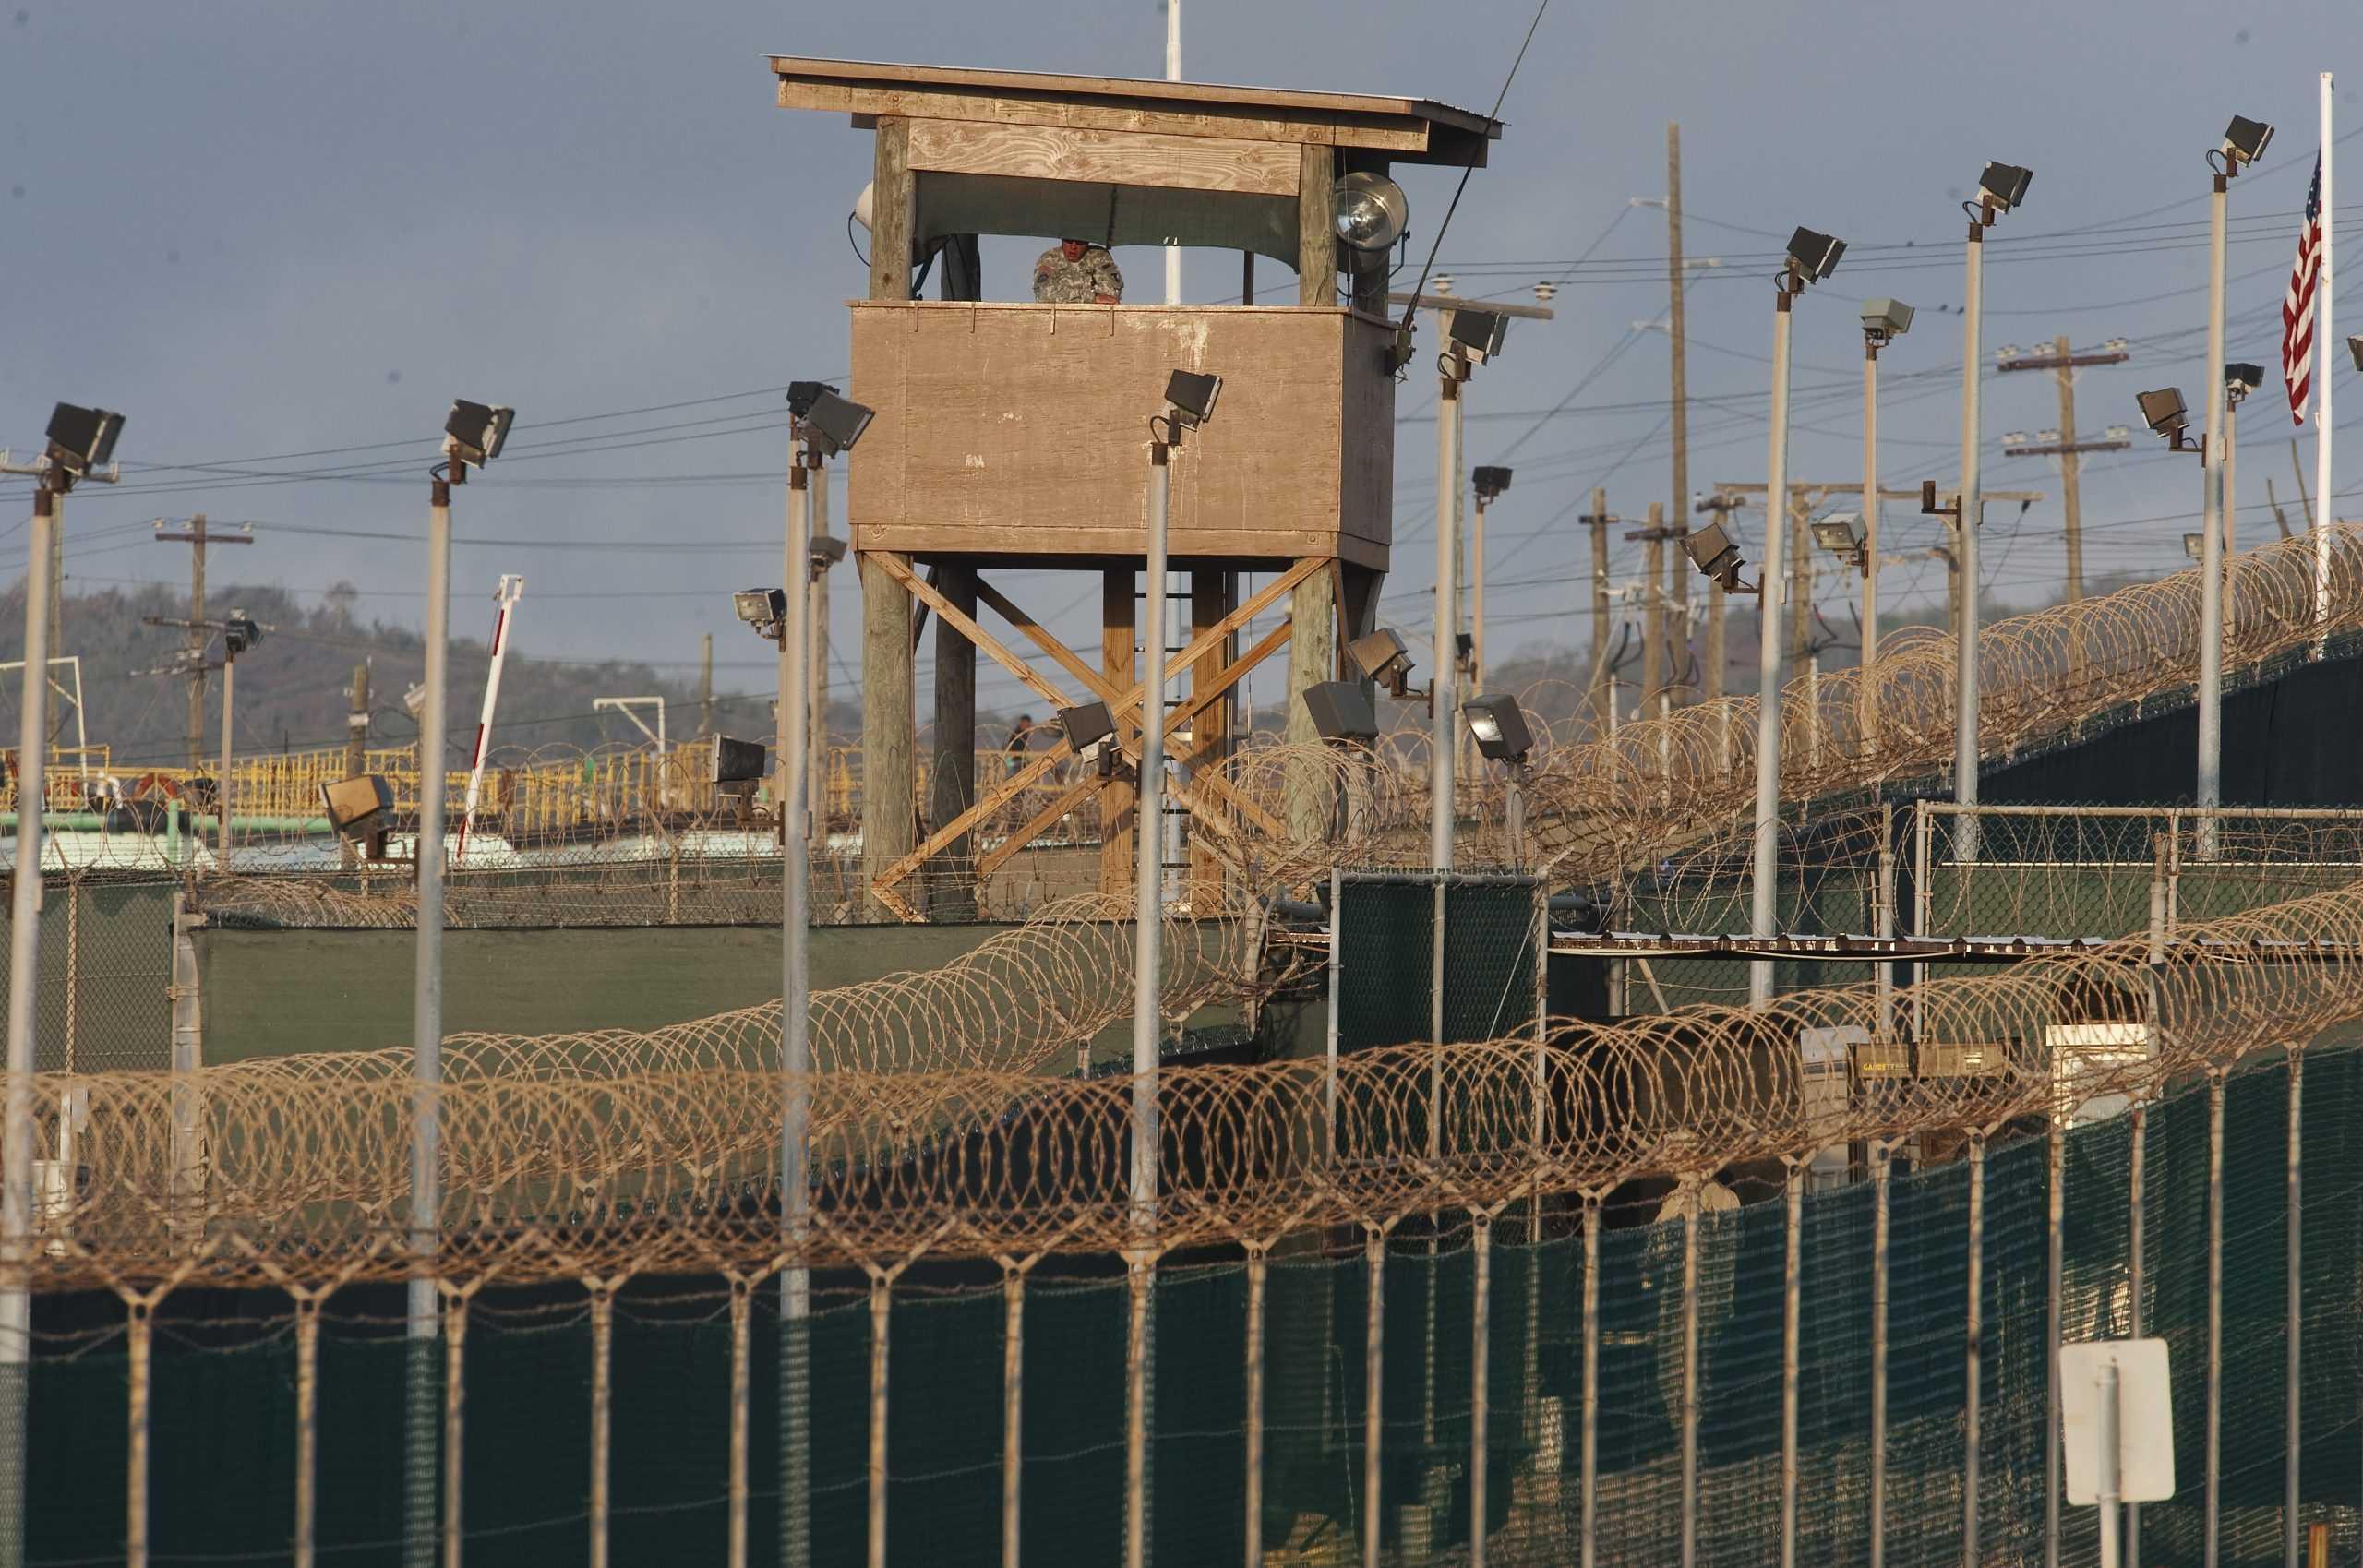 Репатриация из ОАЭ: россиянина Мангазова могут вернуть на родине после 15 лет тюрьмы Гуантанамо